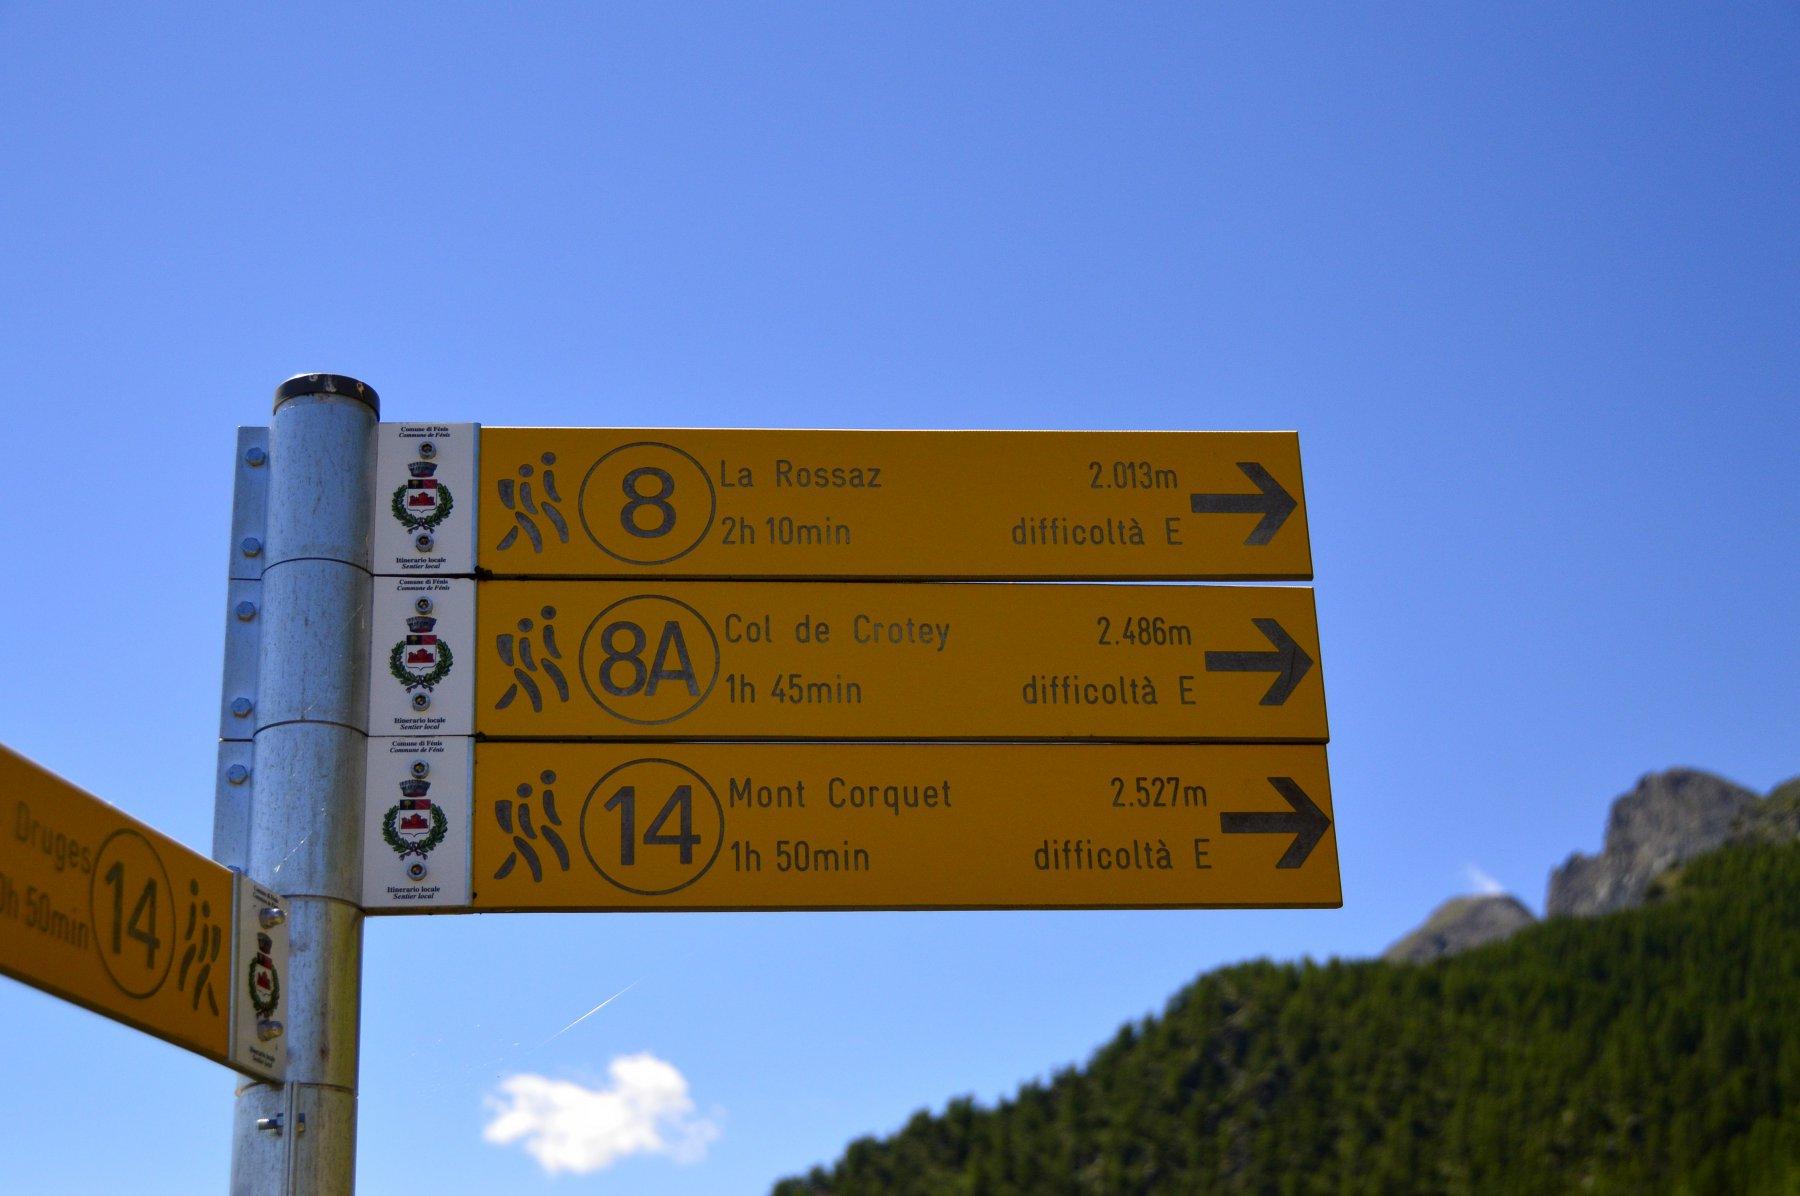 Seguire il 14 per il percorso più diretto (siamo all'alpe Prapremier)